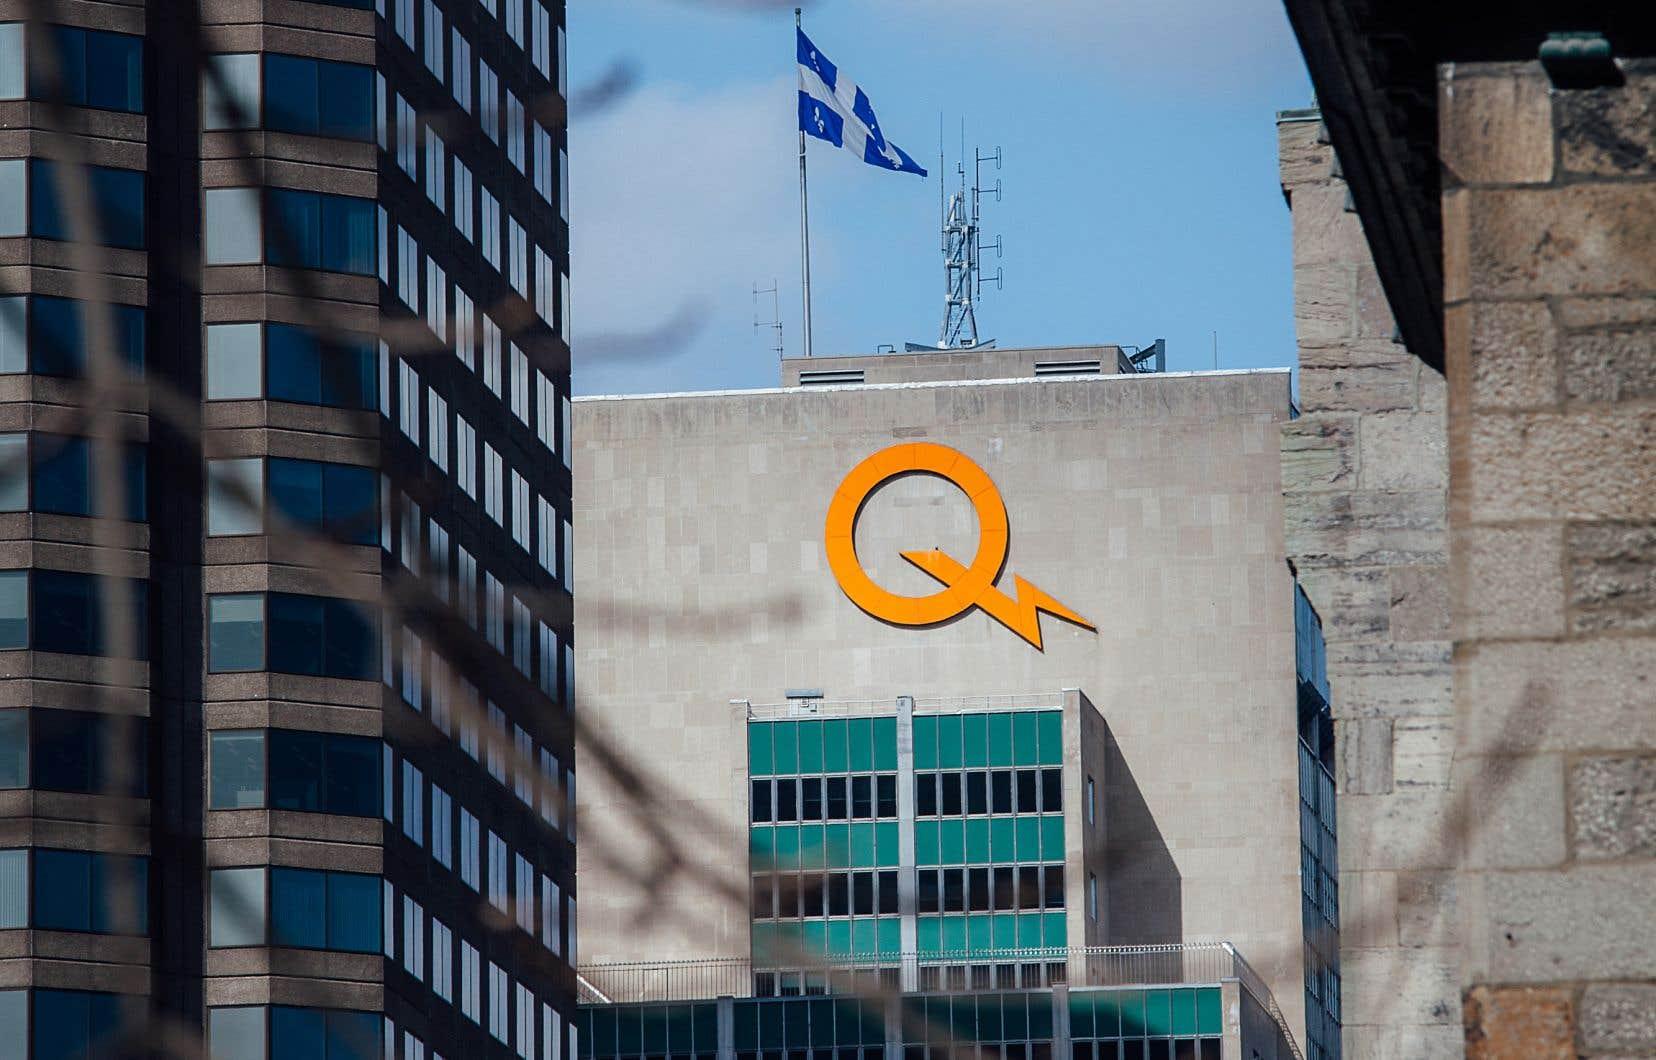 Hydro-Québec partage la première place du rapport avec la Caisse de dépôt du Québec, les deux sociétés d'État recevant une note globale de 82%.